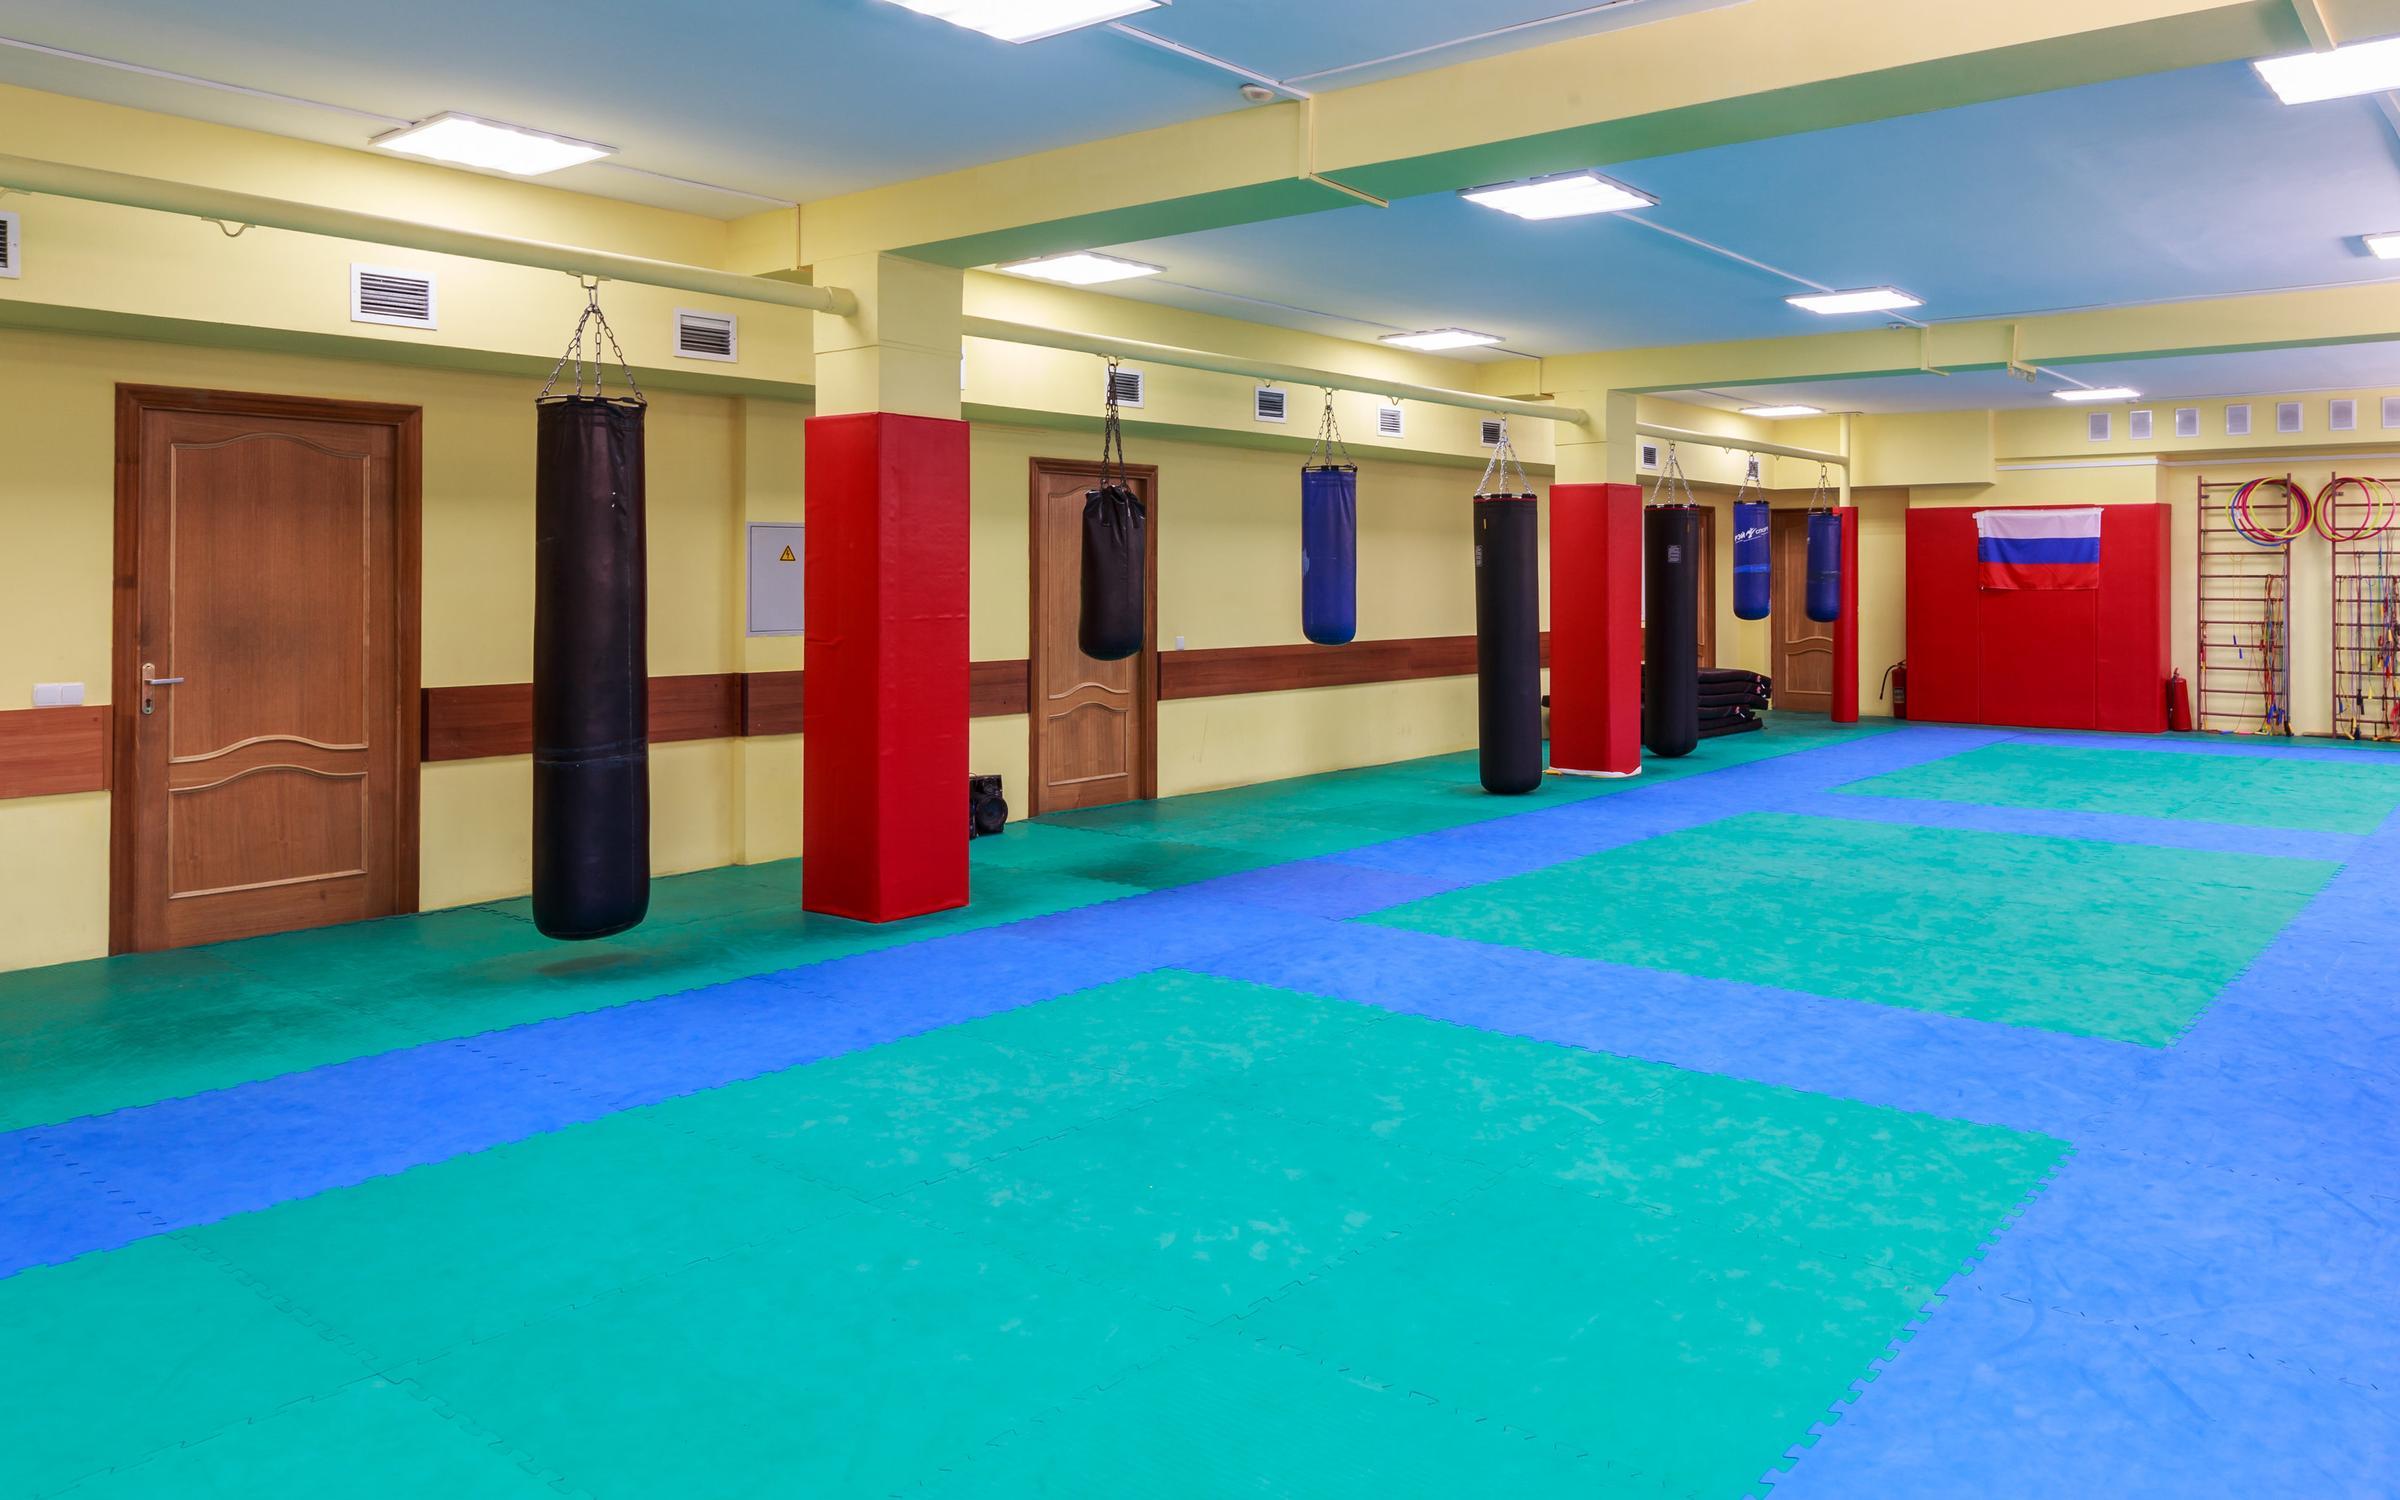 фотография Детско-юношеского клуба боевых искусств на шоссе Энтузиастов